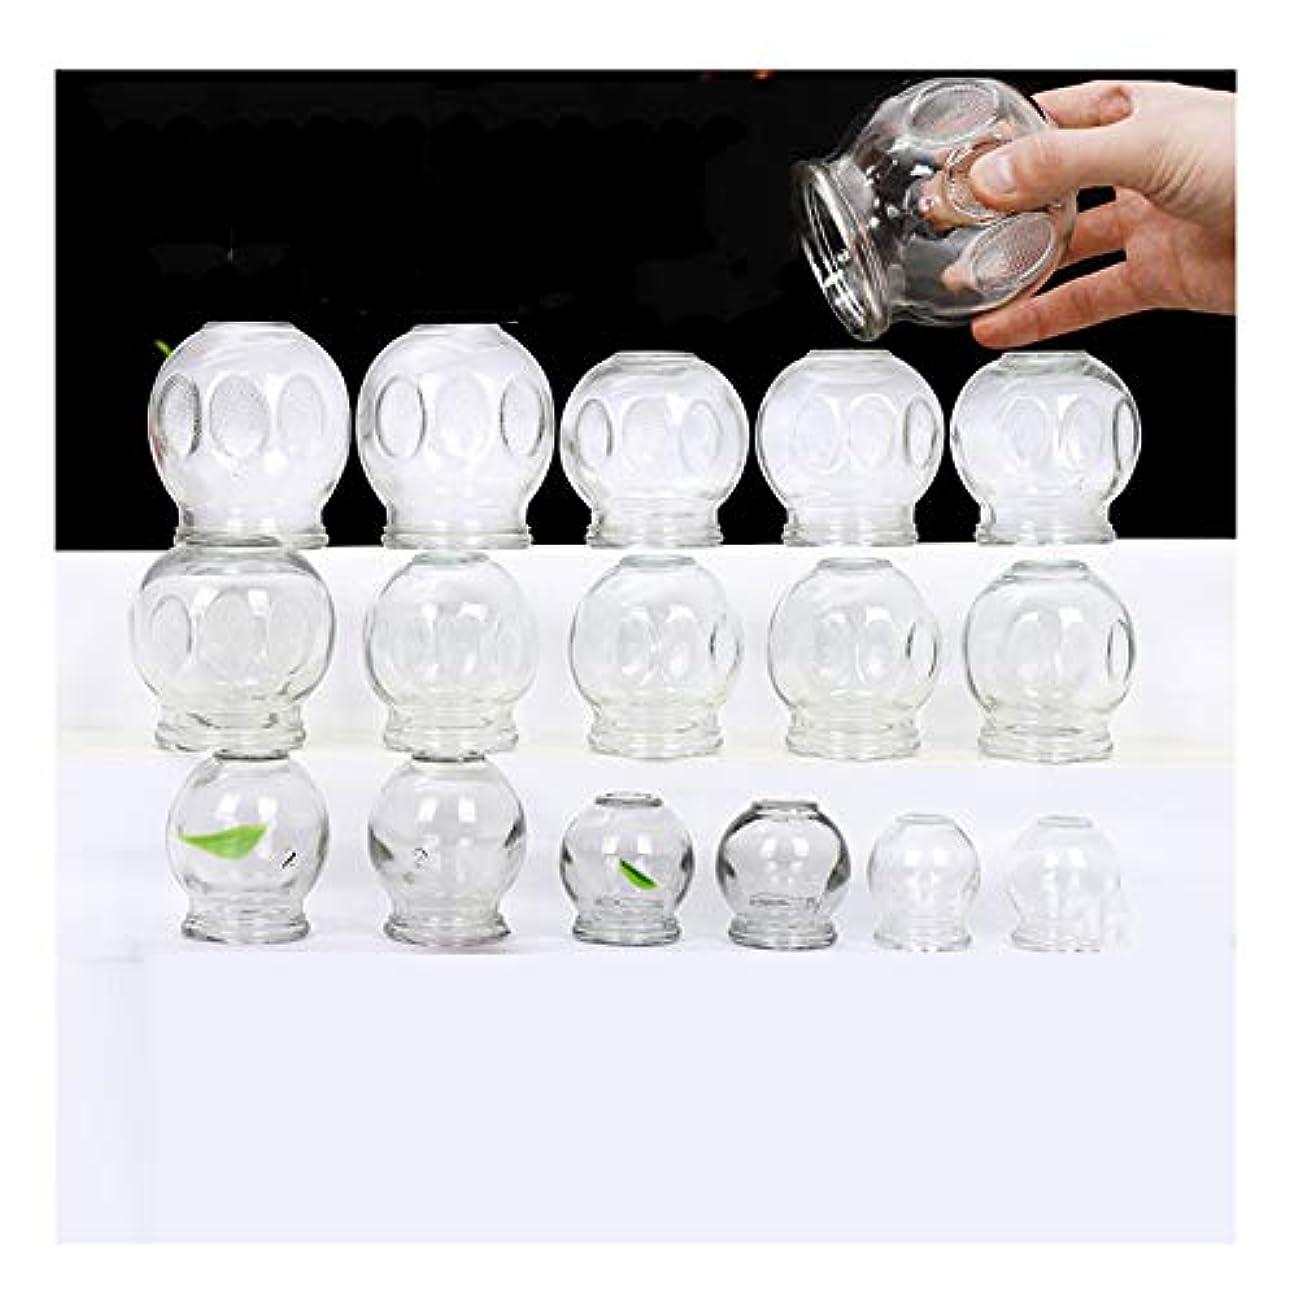 カッピングファイヤーグラスセラピーセットマッサージ真空カップキット - 鍼療法ボディ医療サクション用痛みリリーフセット16ピース